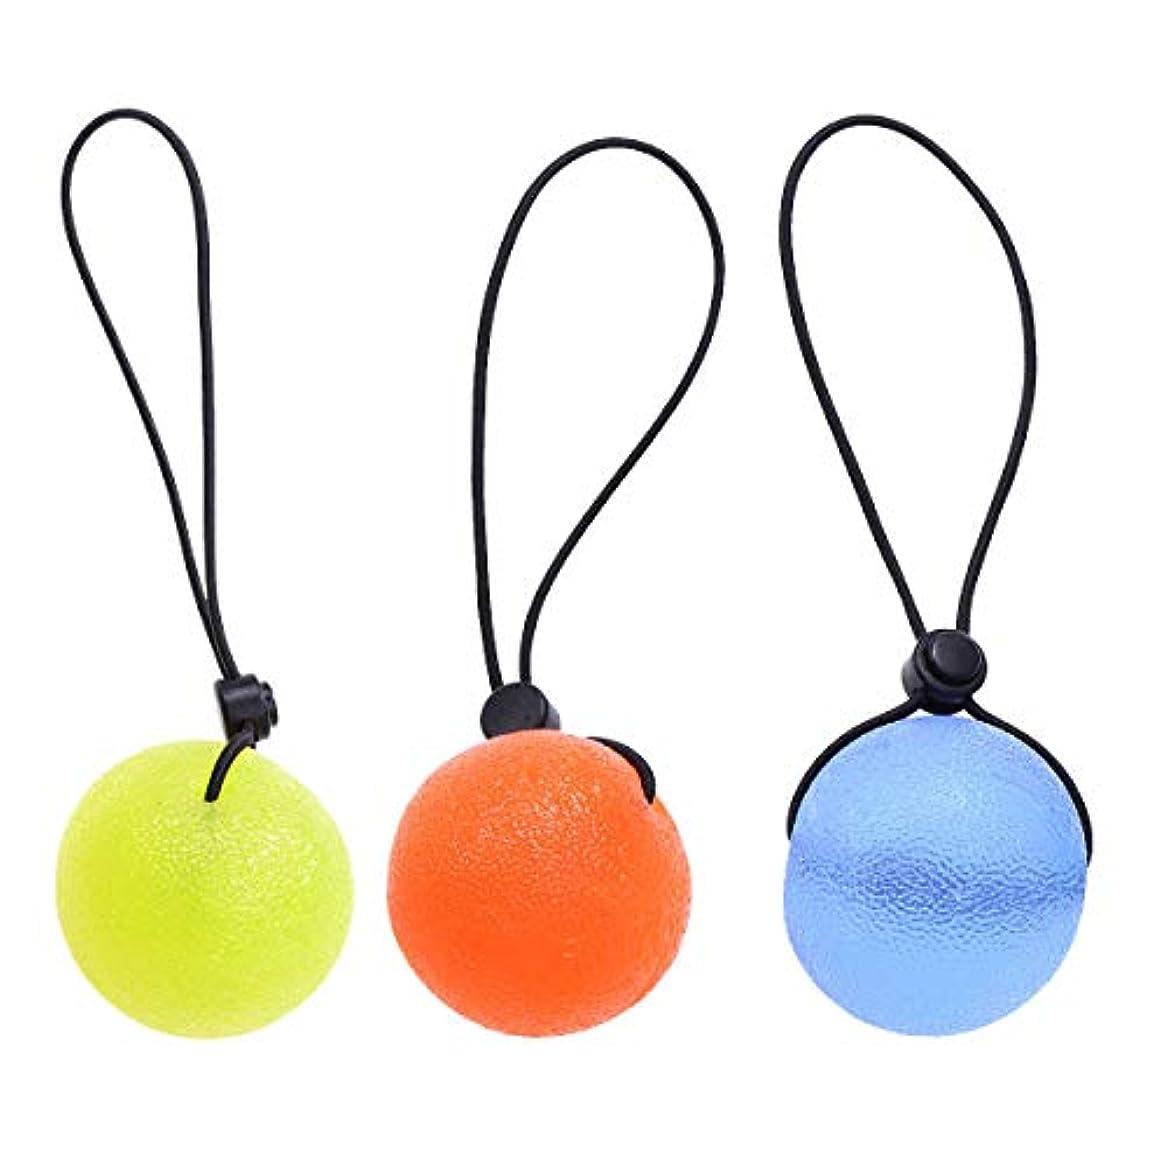 援助する電話をかけるライバルHEALIFTY ストレスリリーフボール、3本の指グリップボールセラピーエクササイズスクイズ卵ストレスボールストリングフィットネス機器(ランダムカラー)